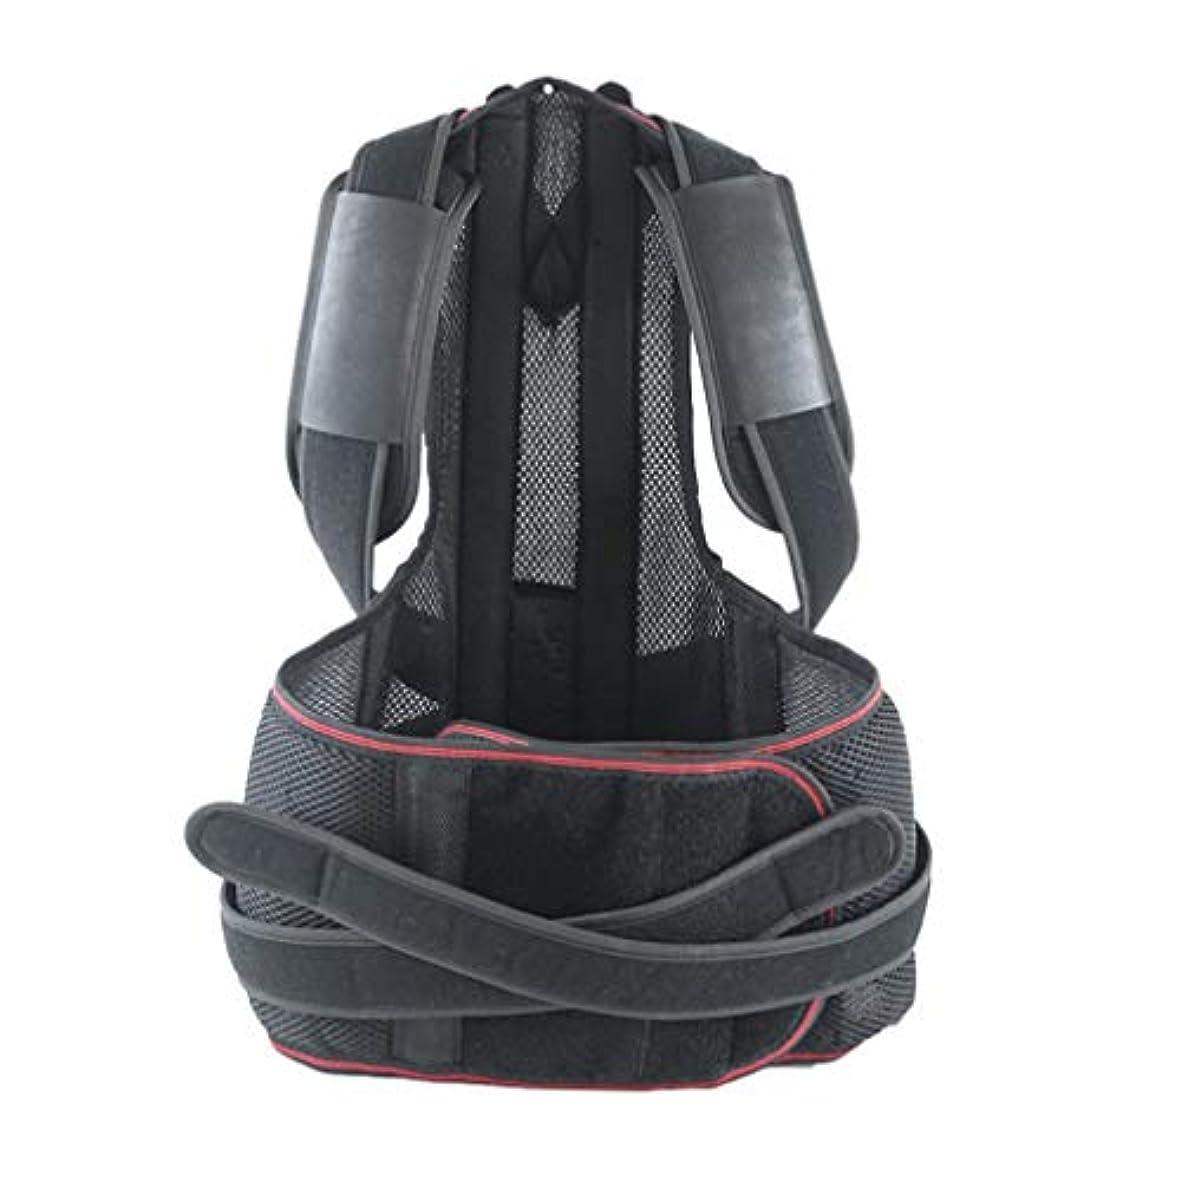 レンチペルセウス概要軽量の姿勢補正装置の悪い腰部の肩サポート背中の痛みブレース-Rustle666